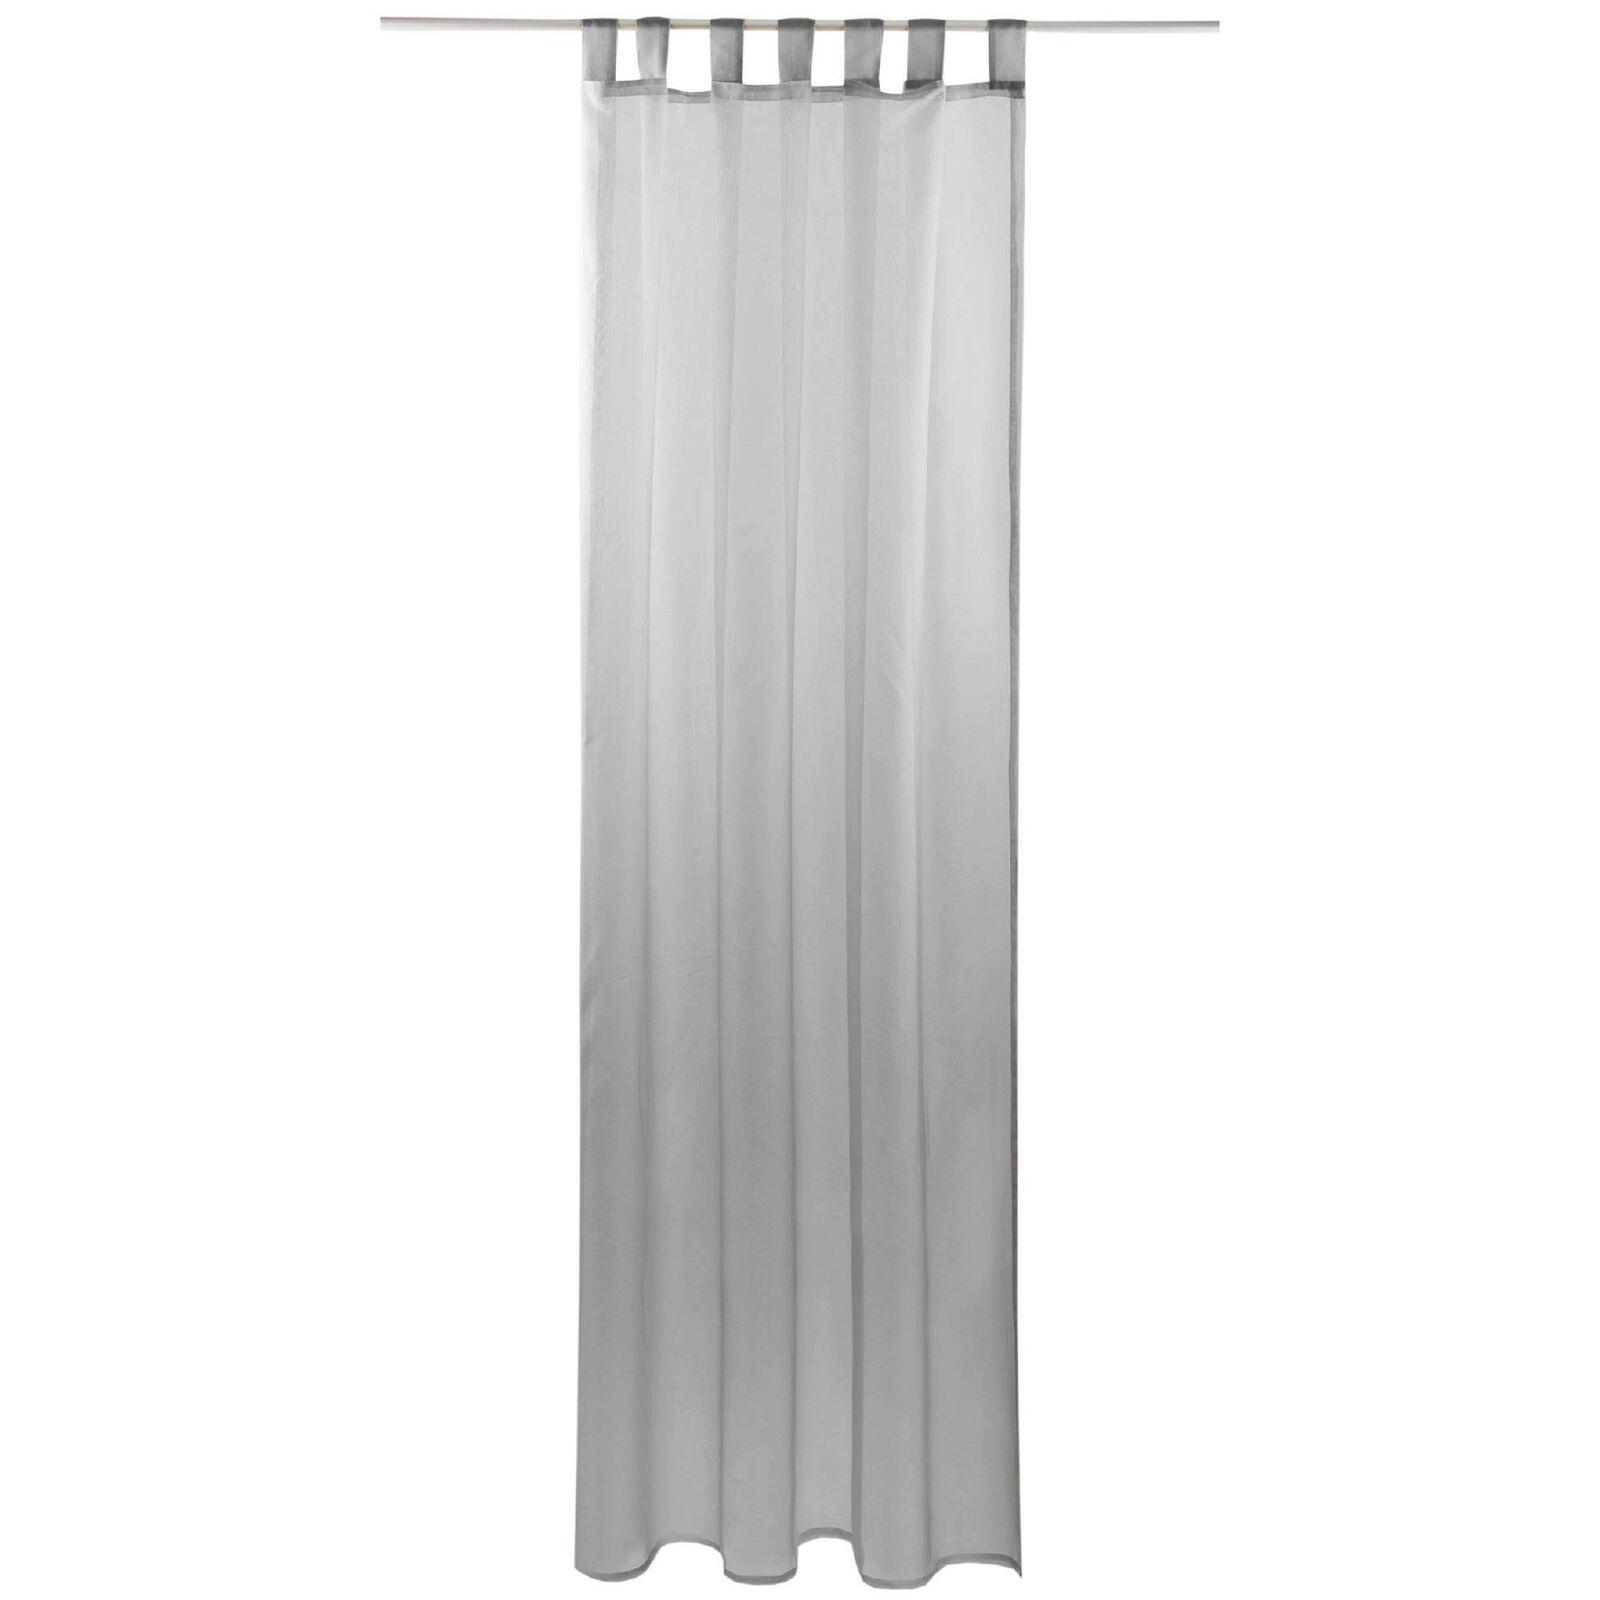 Schlaufenschal Vorhang mit Schlaufen Transparent Voile Uni Gardine große Auswahl grau - lichtgrau